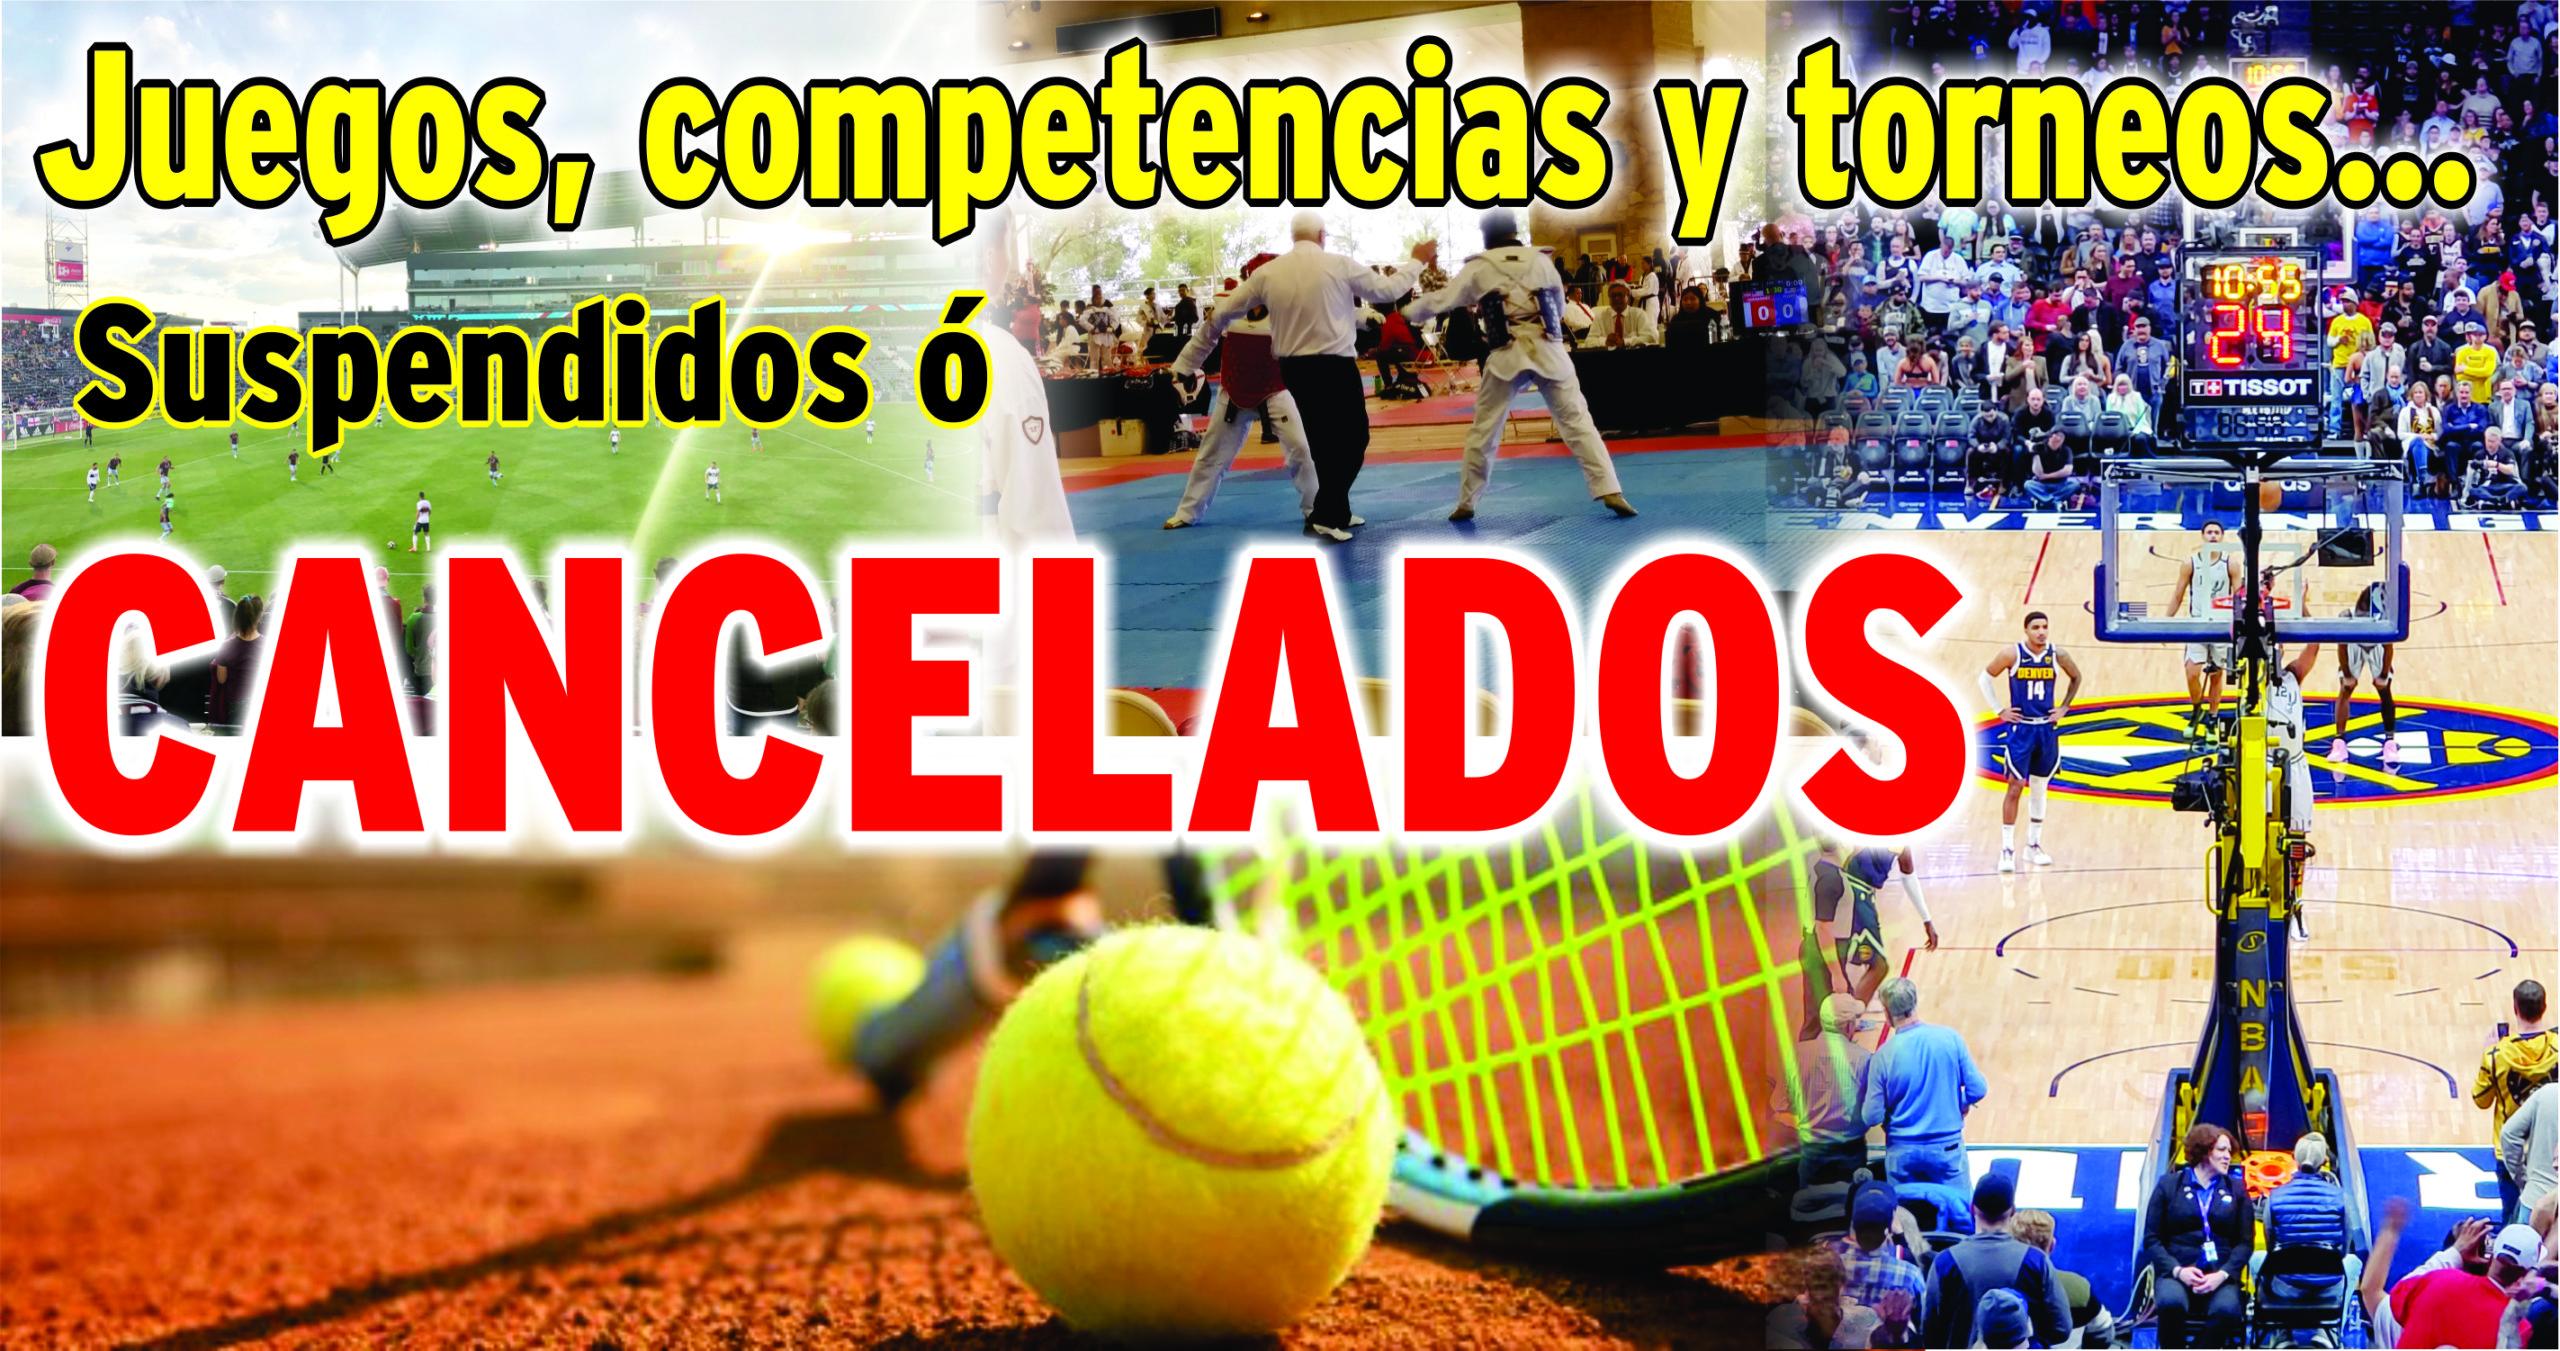 Juegos, competencias y torneos……Suspendidos ó CANCELADOS